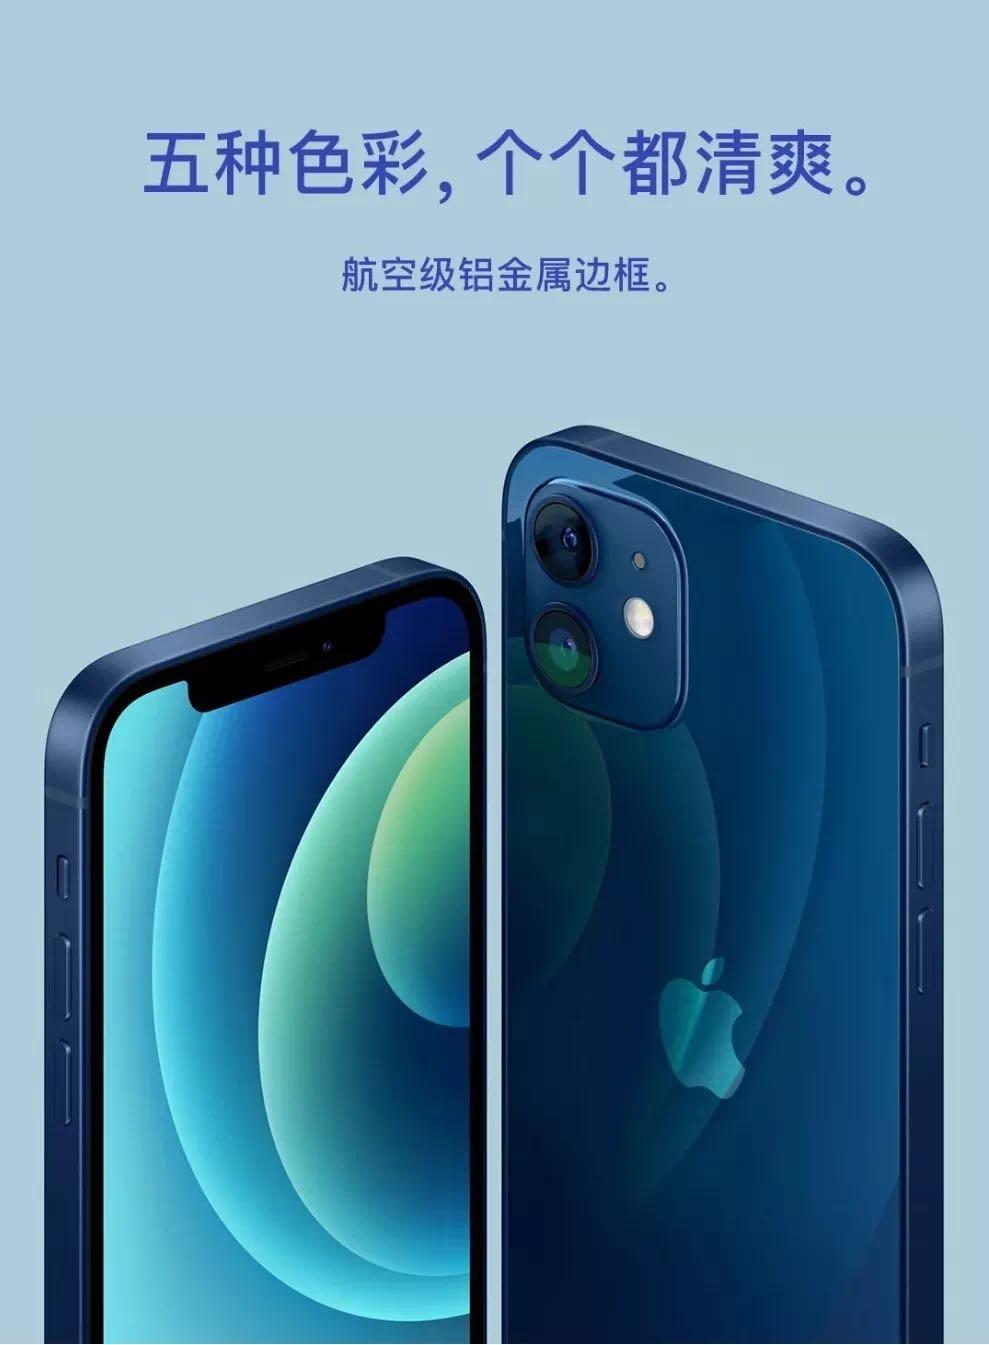 iPhone 12真机颜色被嘲讽像内裤,丑到网友想退货…